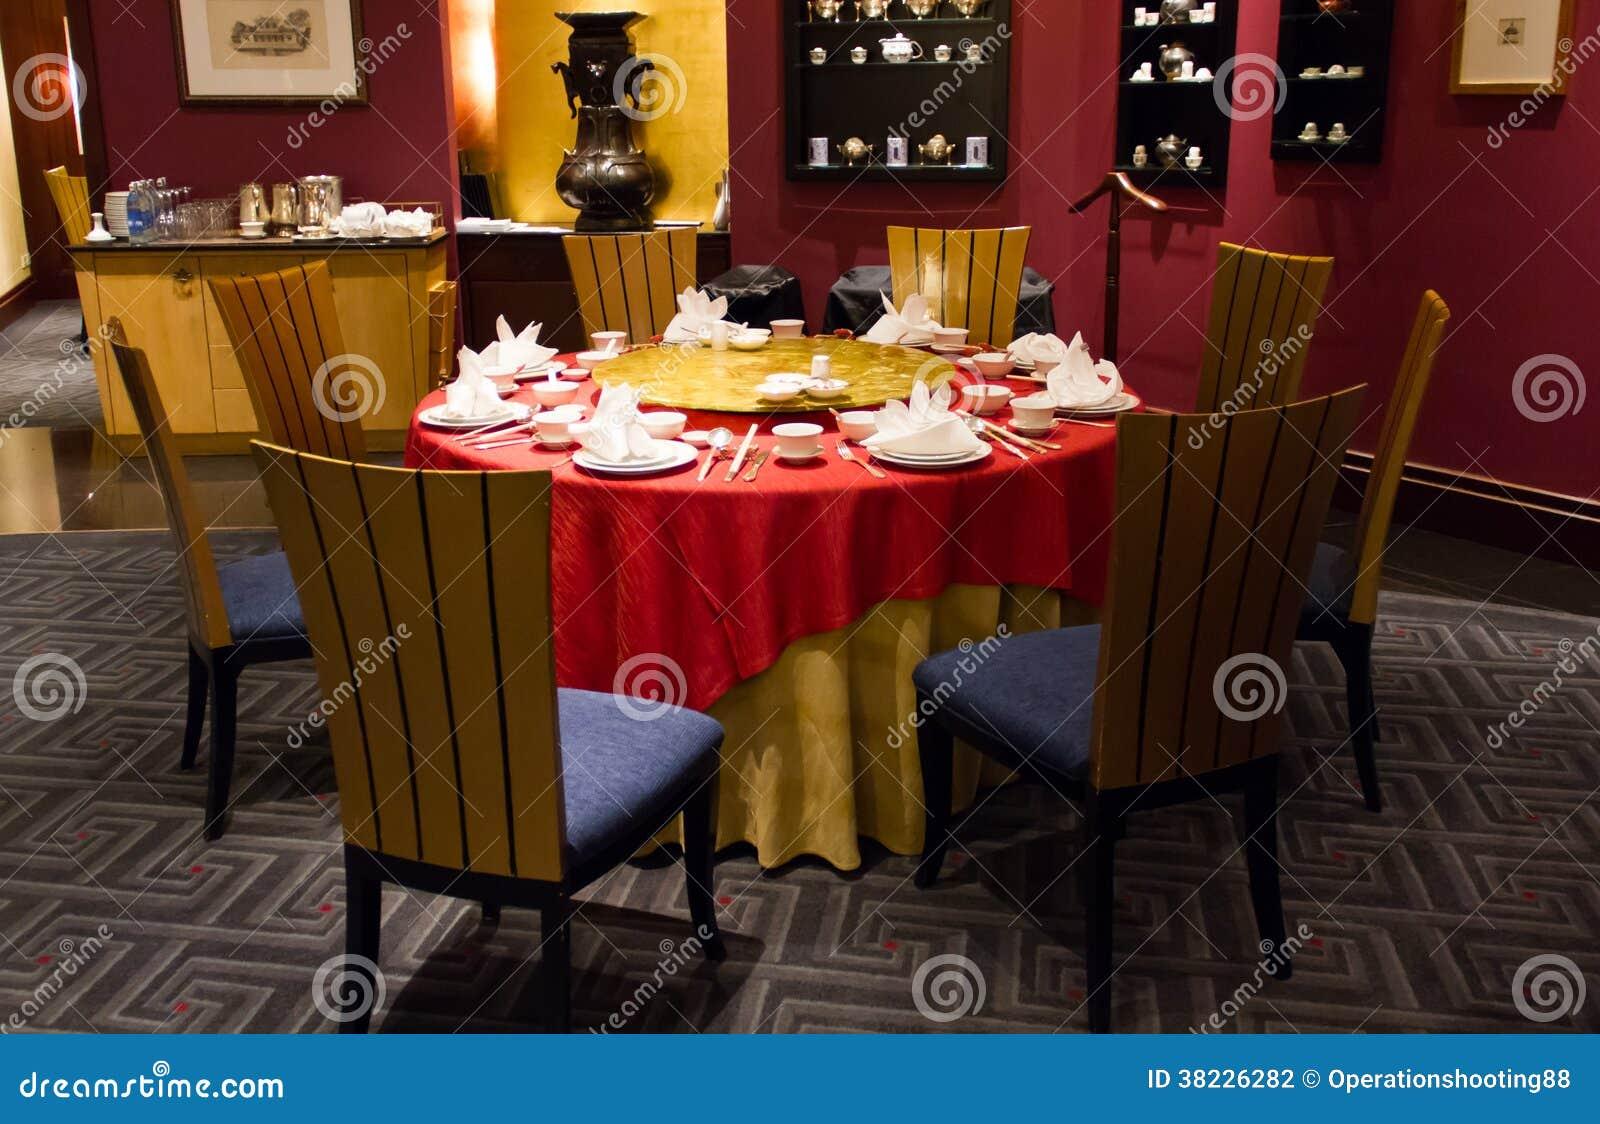 中国式在餐馆的饭桌.图片